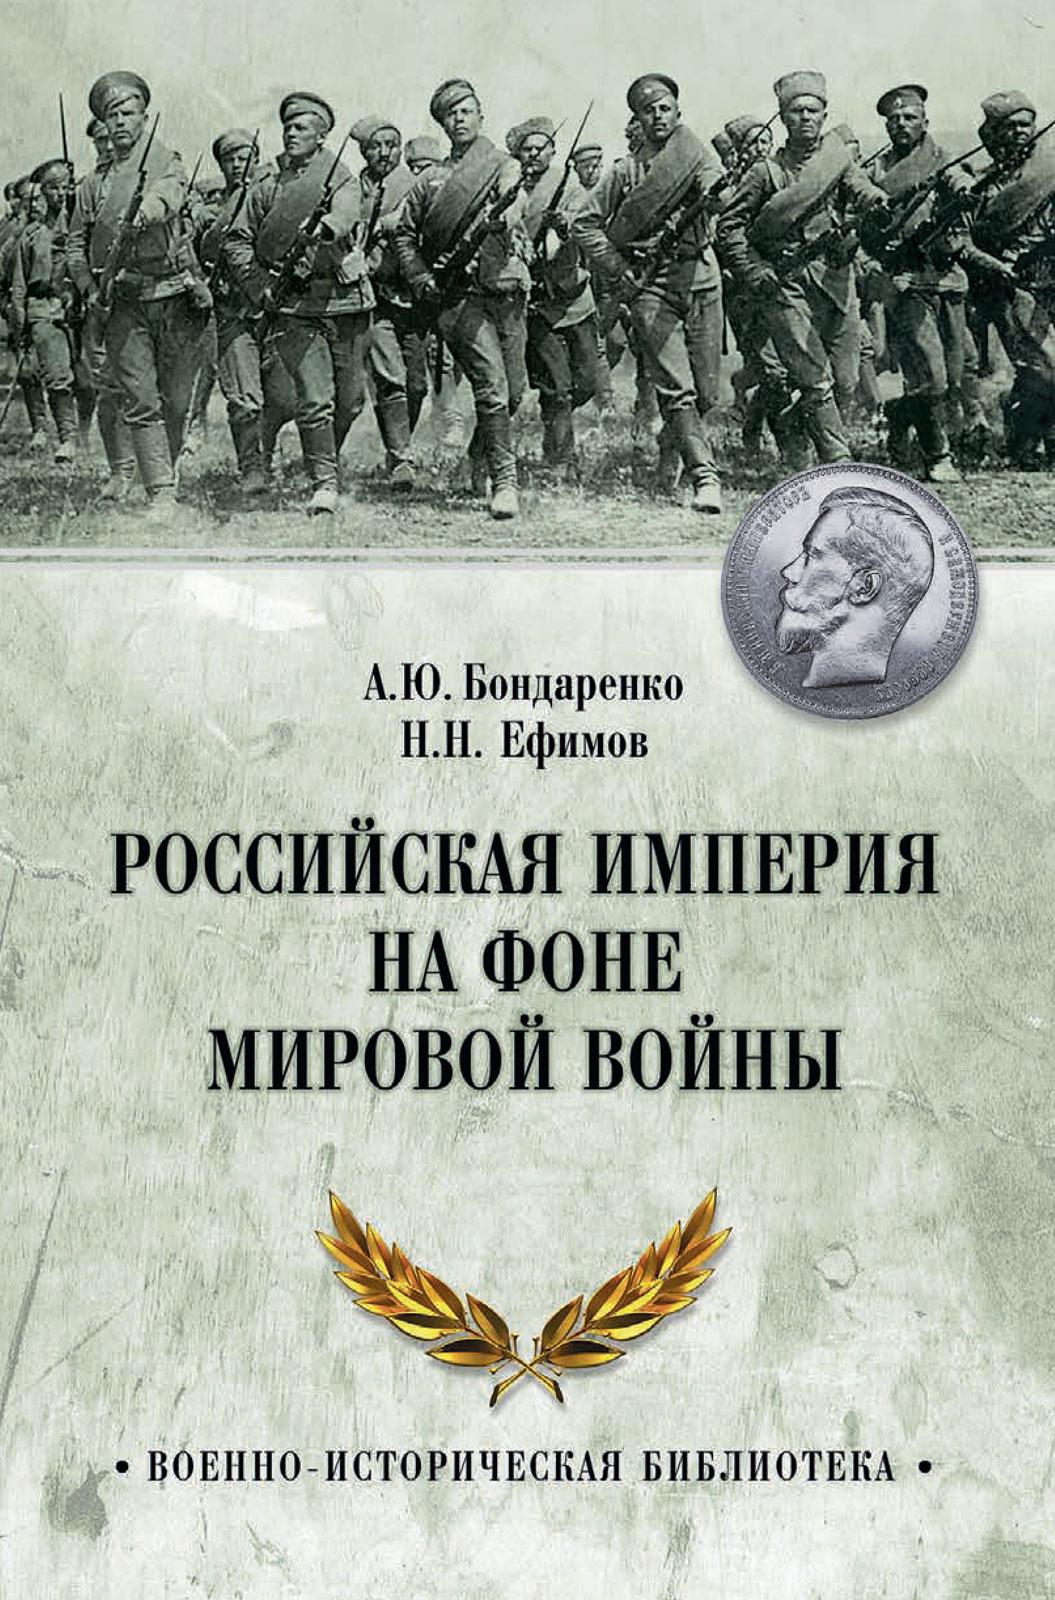 все цены на А. Ю. Бондаренко Российская империя на фоне Мировой войны онлайн